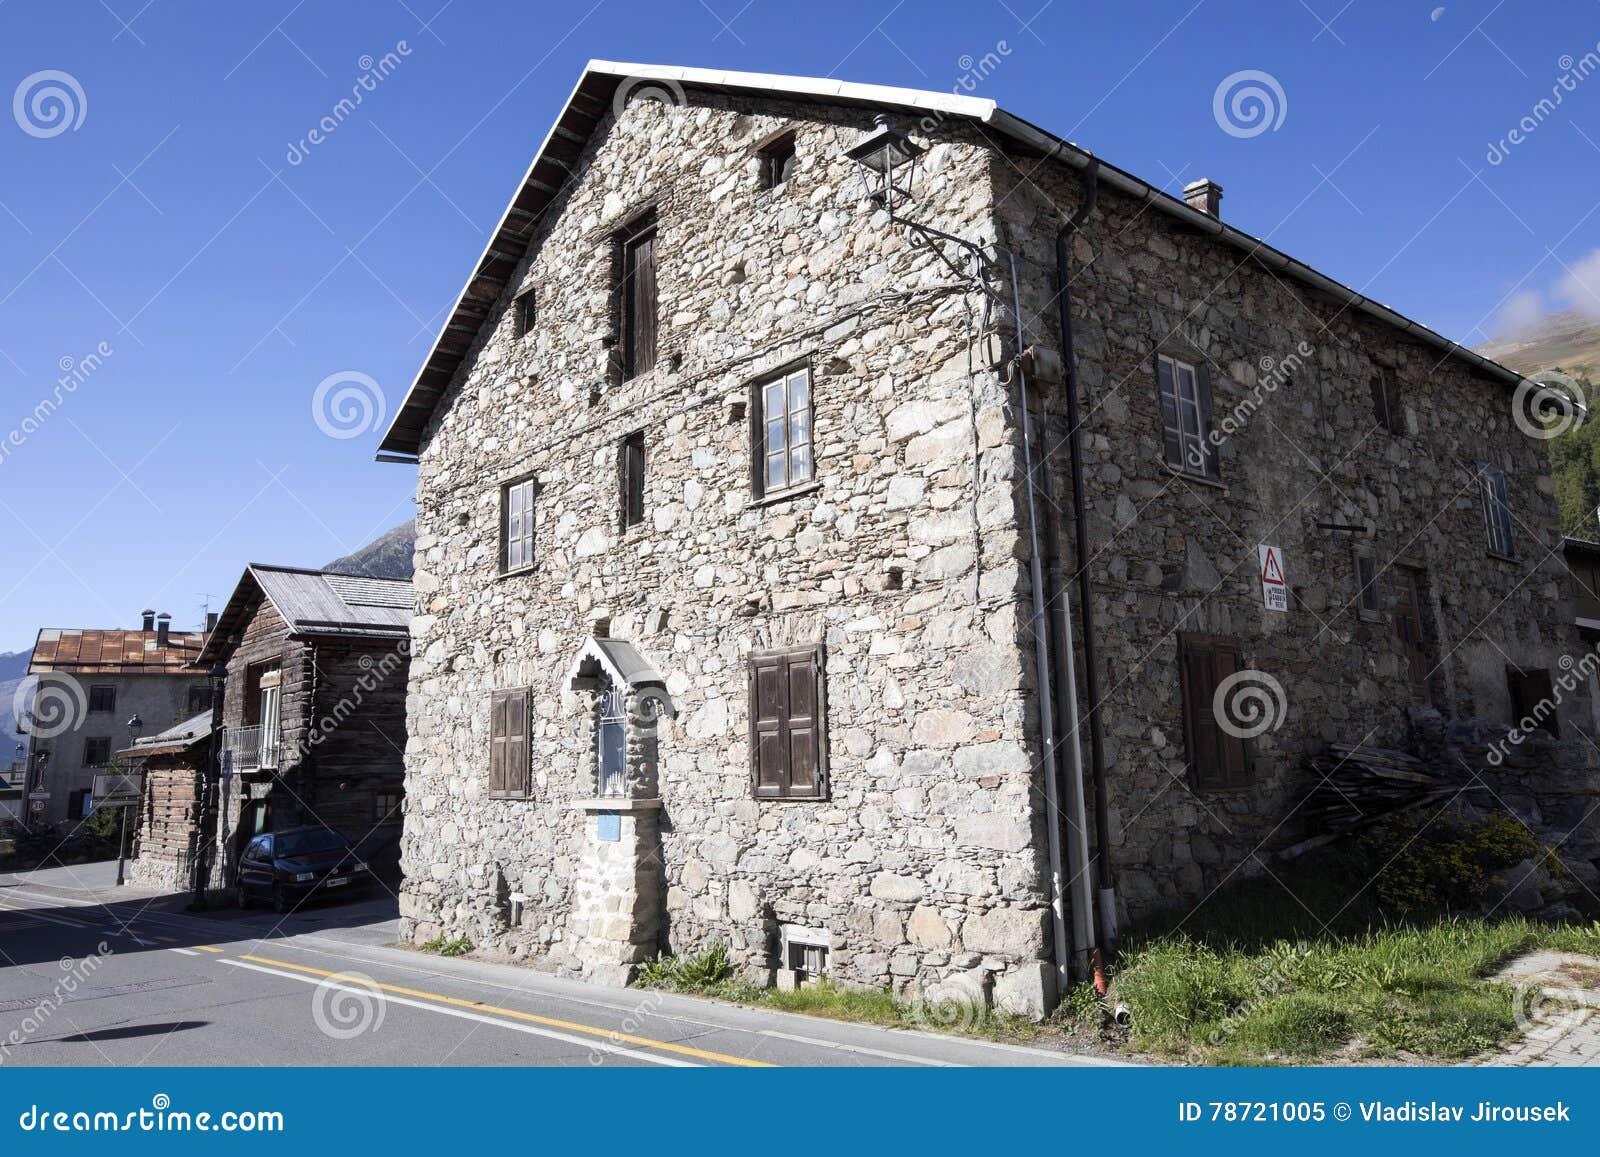 Case In Pietra Di Montagna : Immagini stock vecchie attrazioni della georgia torri e case